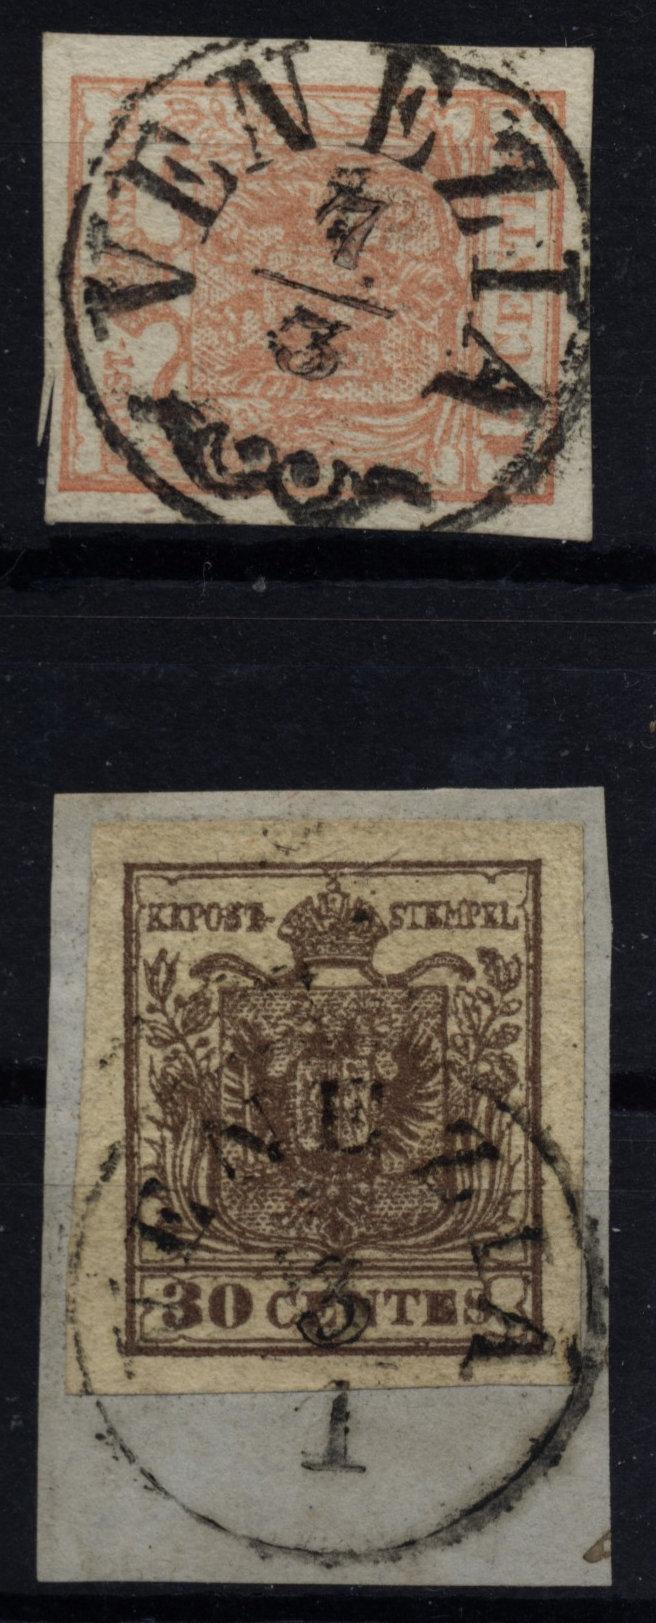 LOMBARDEI-VENETIEN 1850 2Marke: -15C, und -30C, Verschiedene VENEZIA Stempeln.